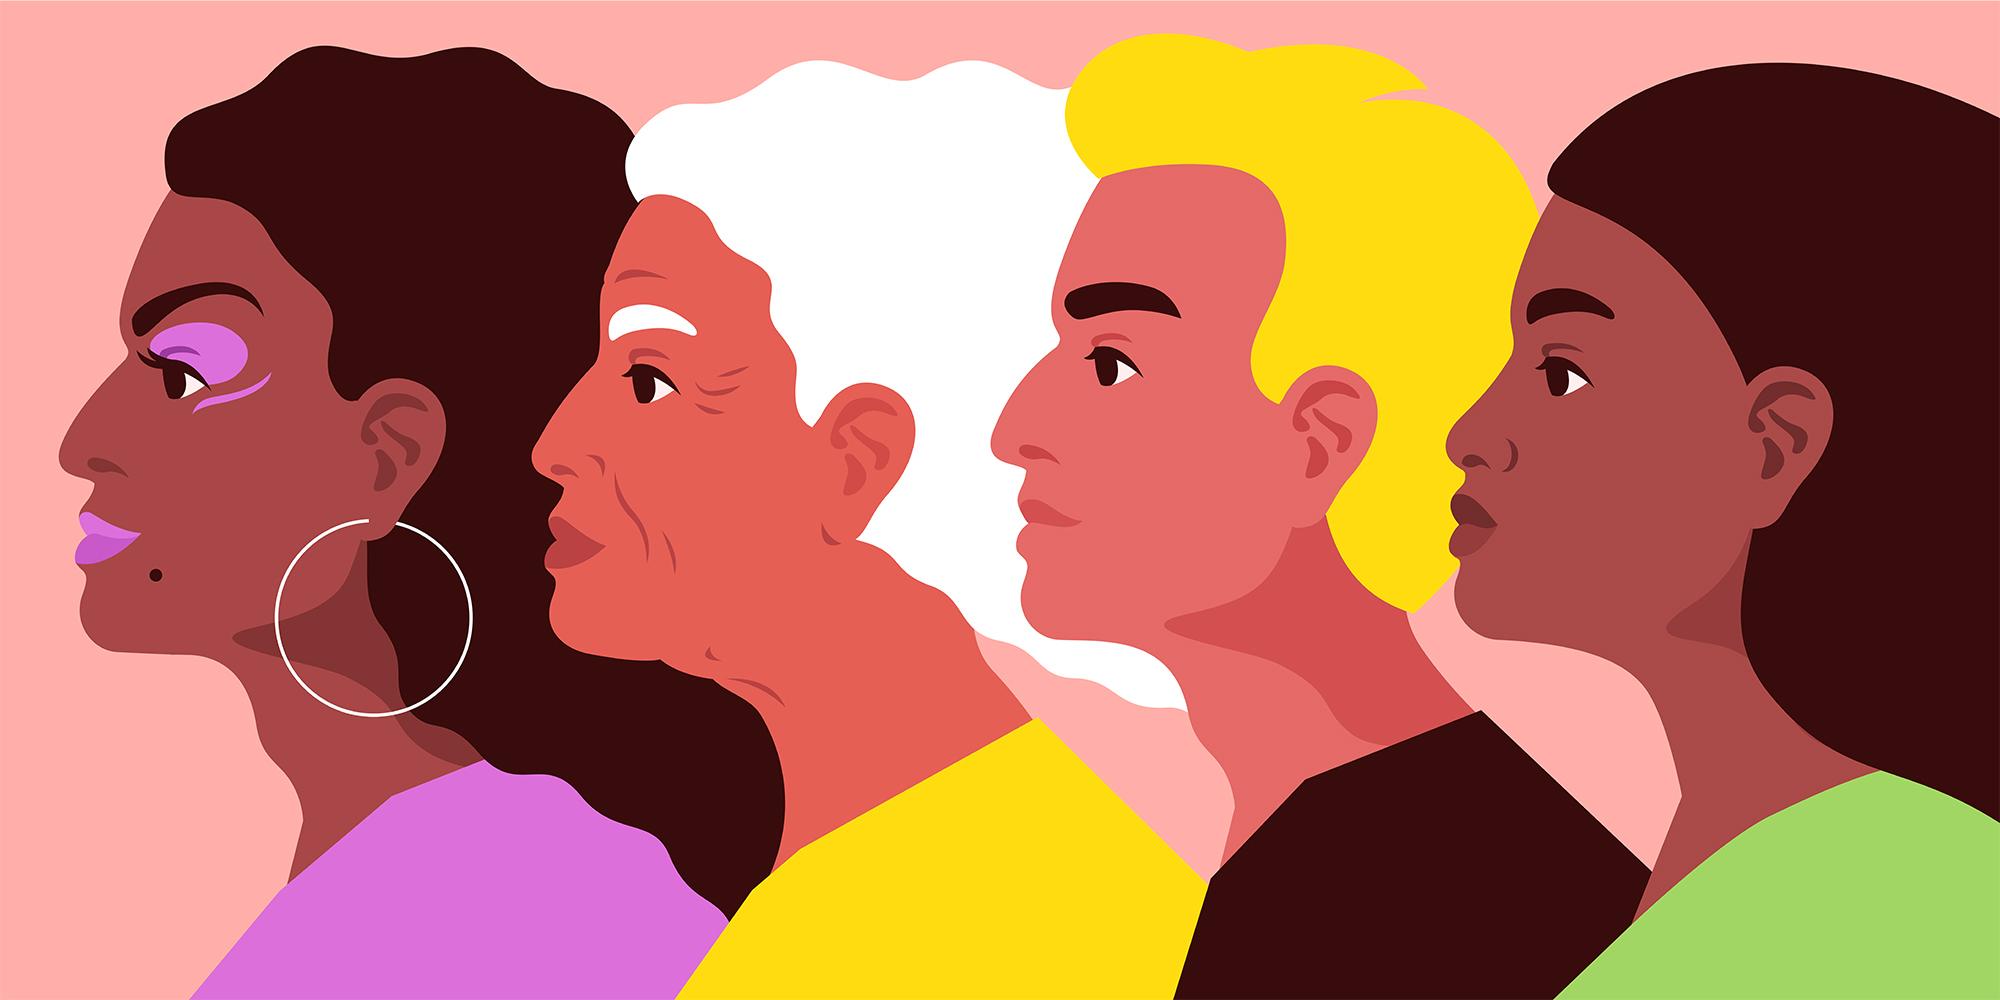 Involver marginaliserte grupper i diskusjonen